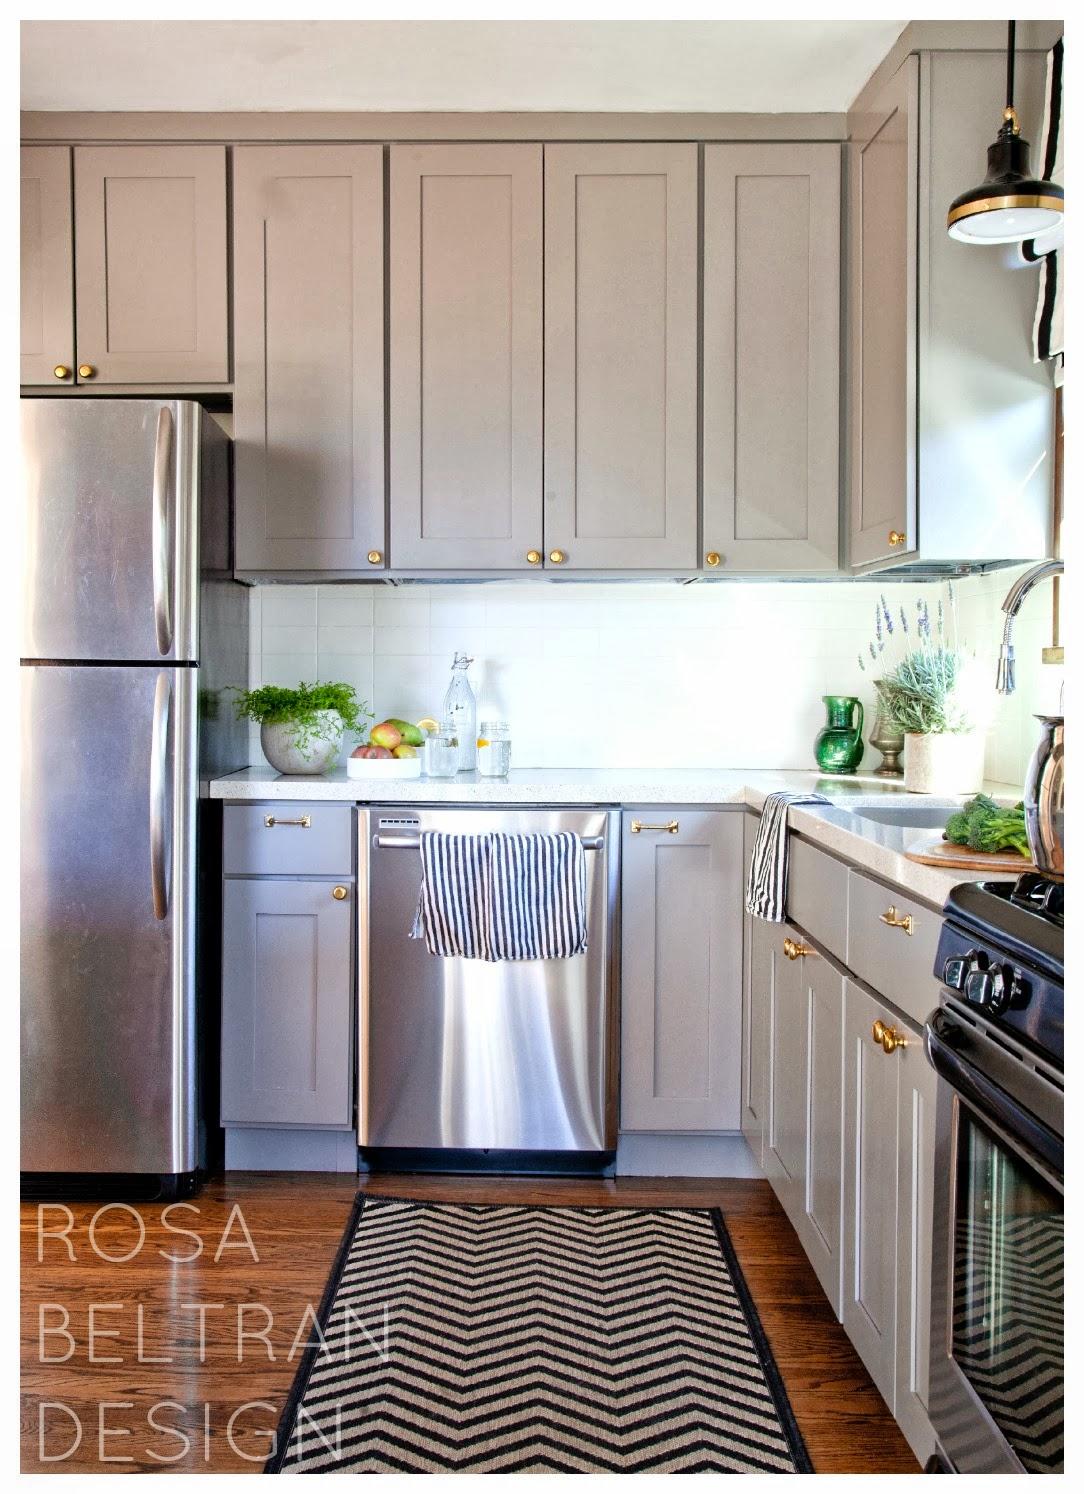 Rosa Beltran Design: DIY PAINTED TILE BACKSPLASH